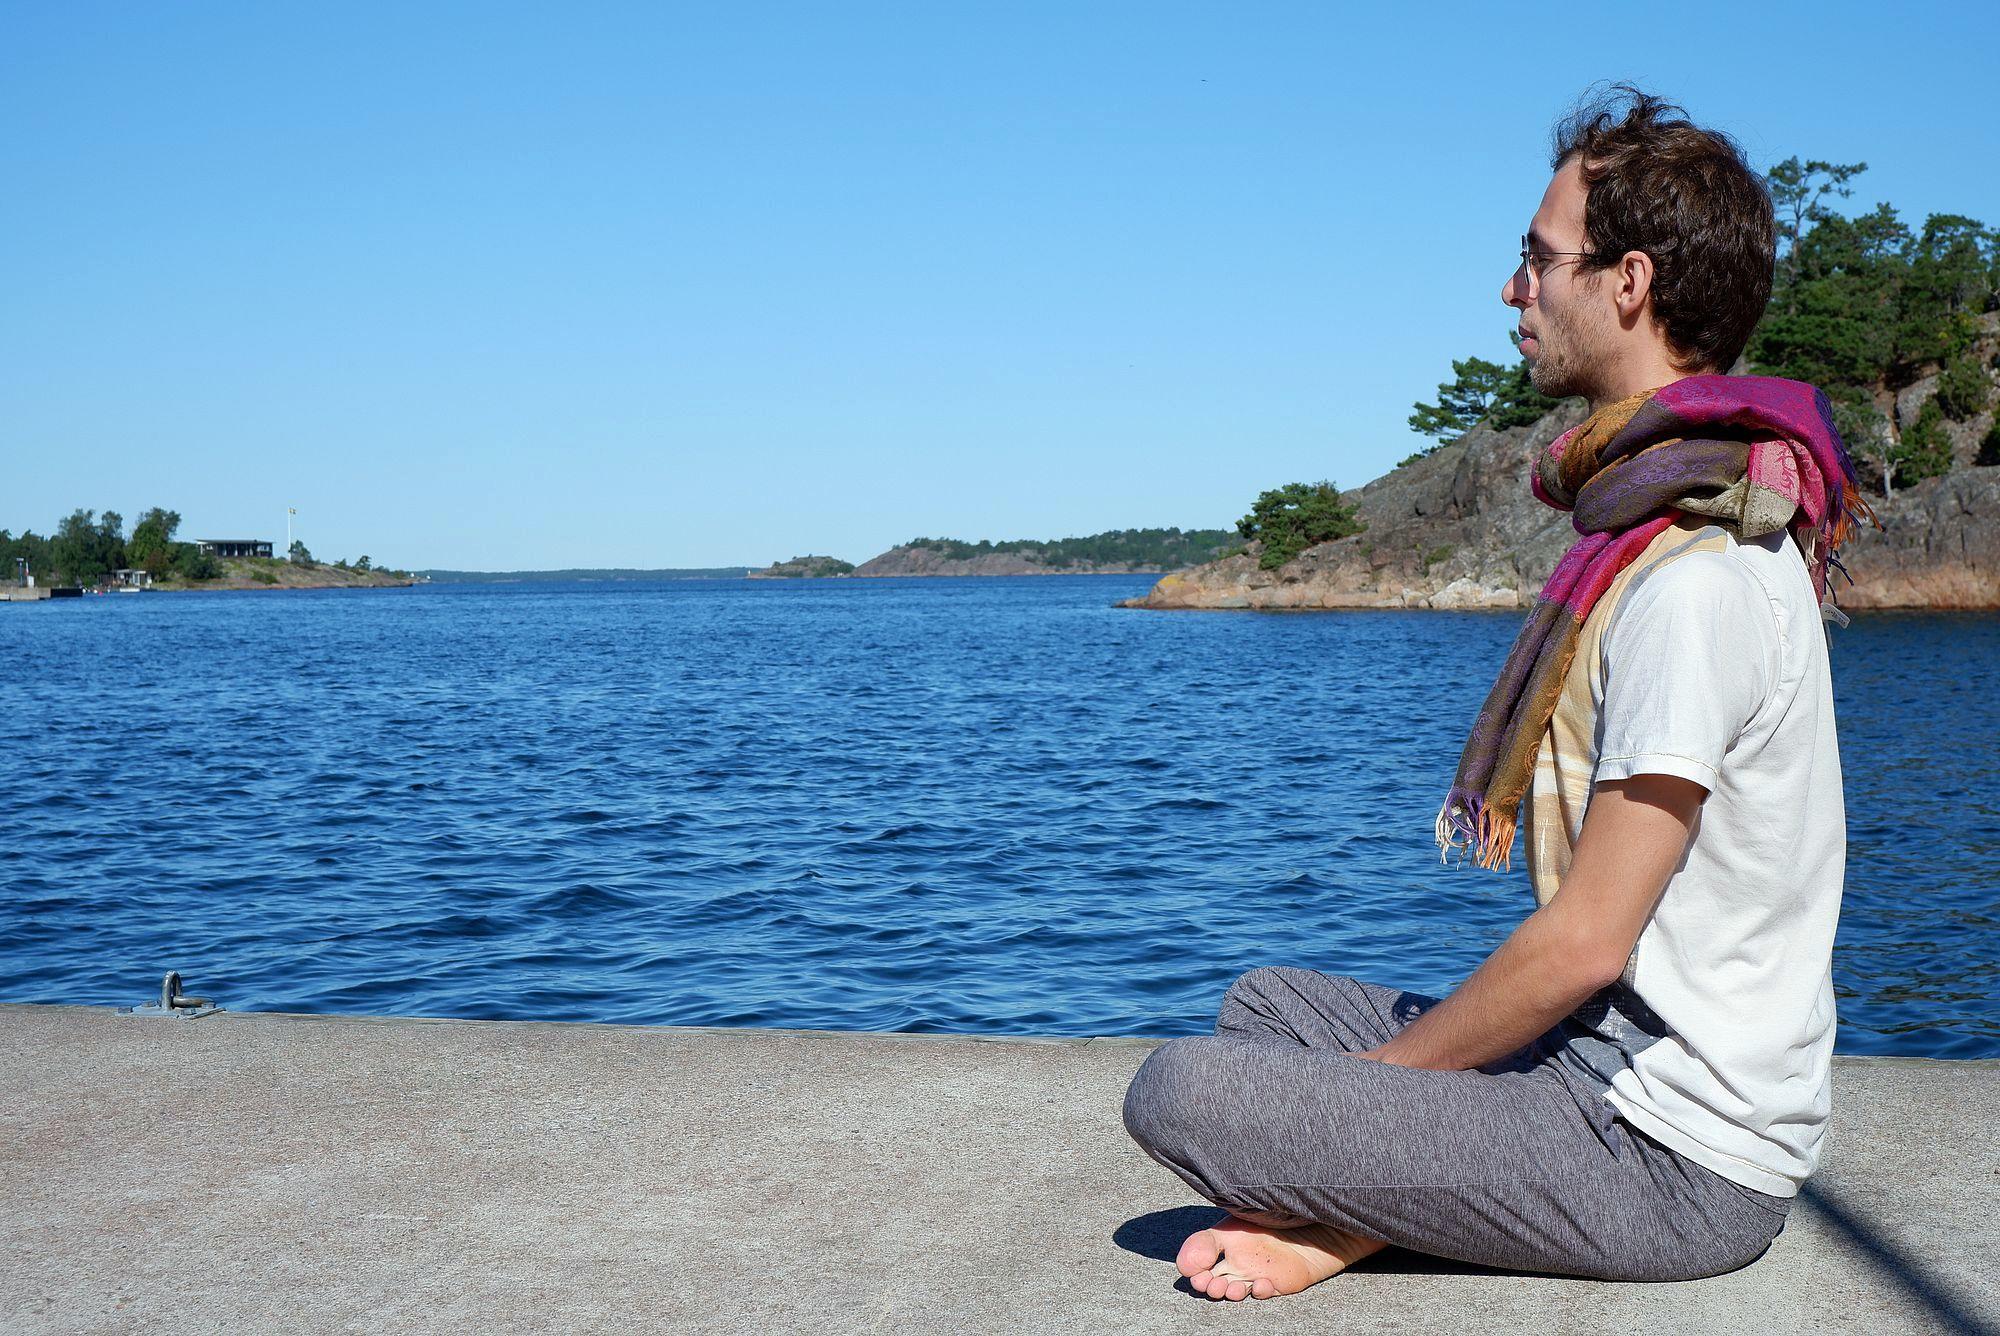 Ryan médite sur un ponton au bord de l'eau, sous le soleil